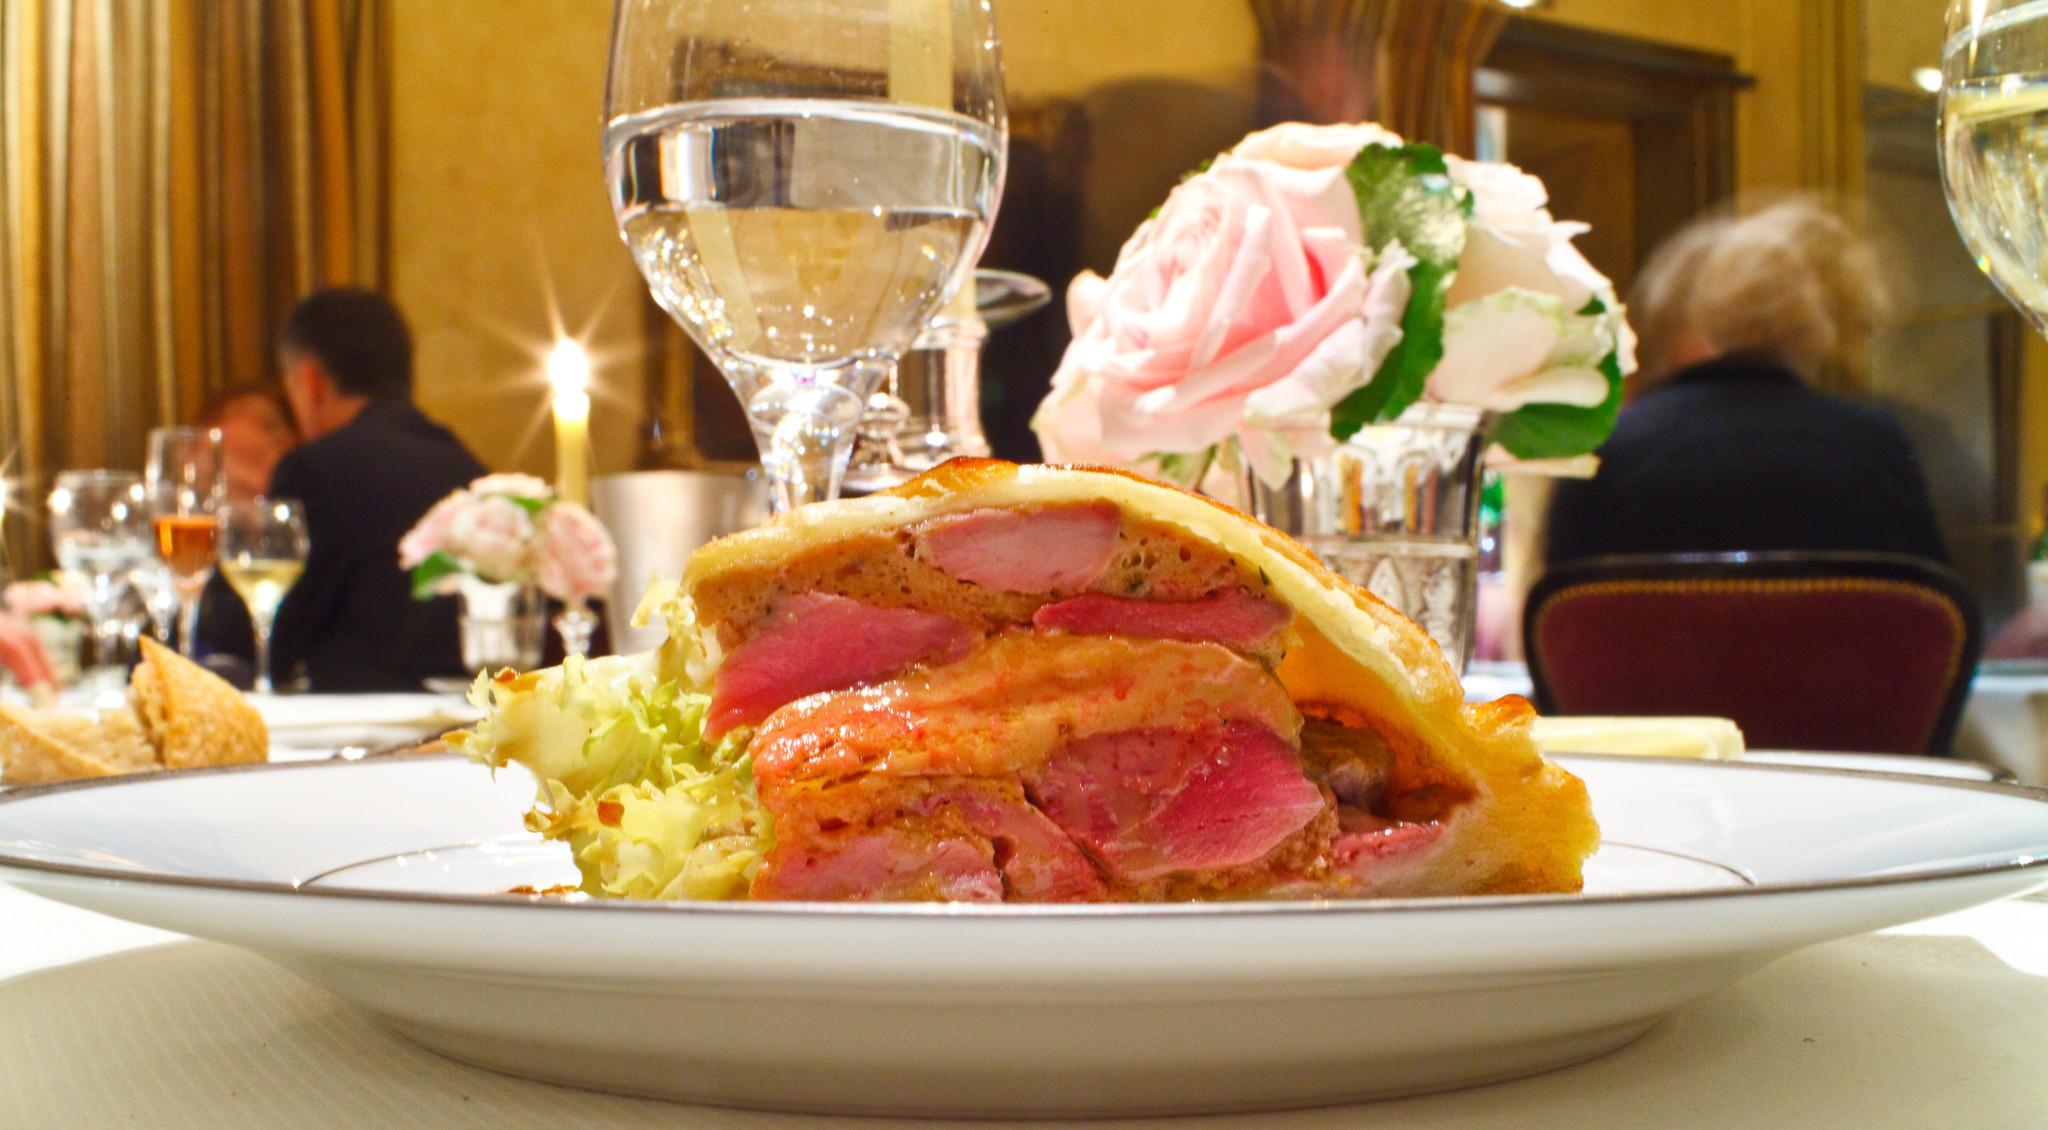 Tourte de canard et foie gras